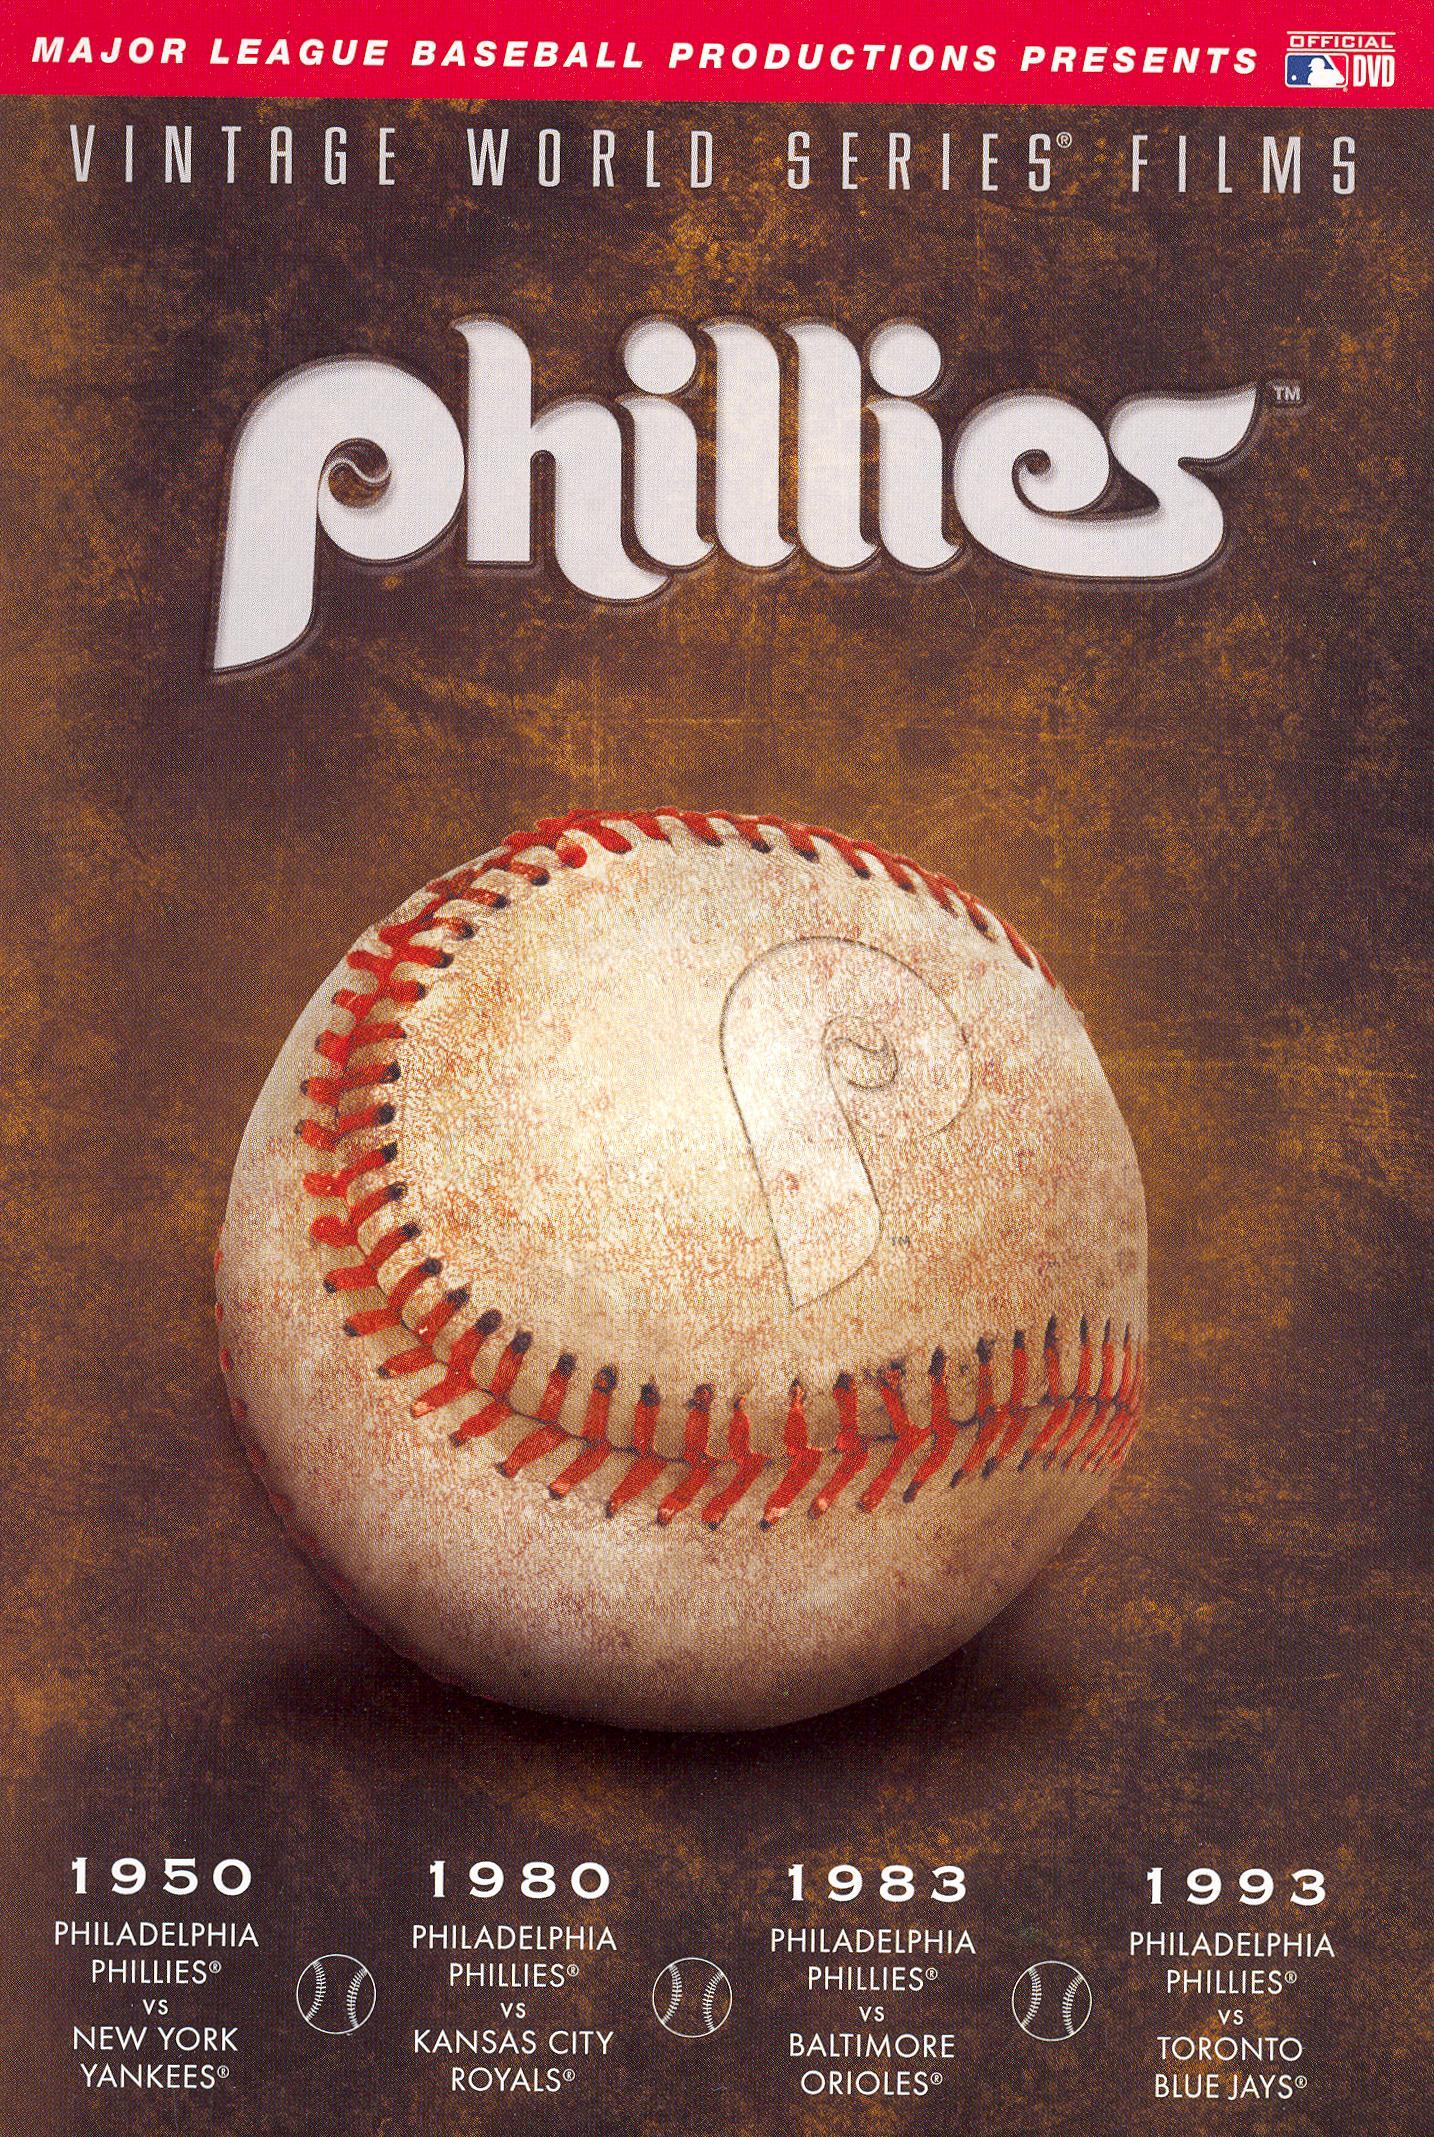 Philadelphia Phillies: World Series Vintage Films